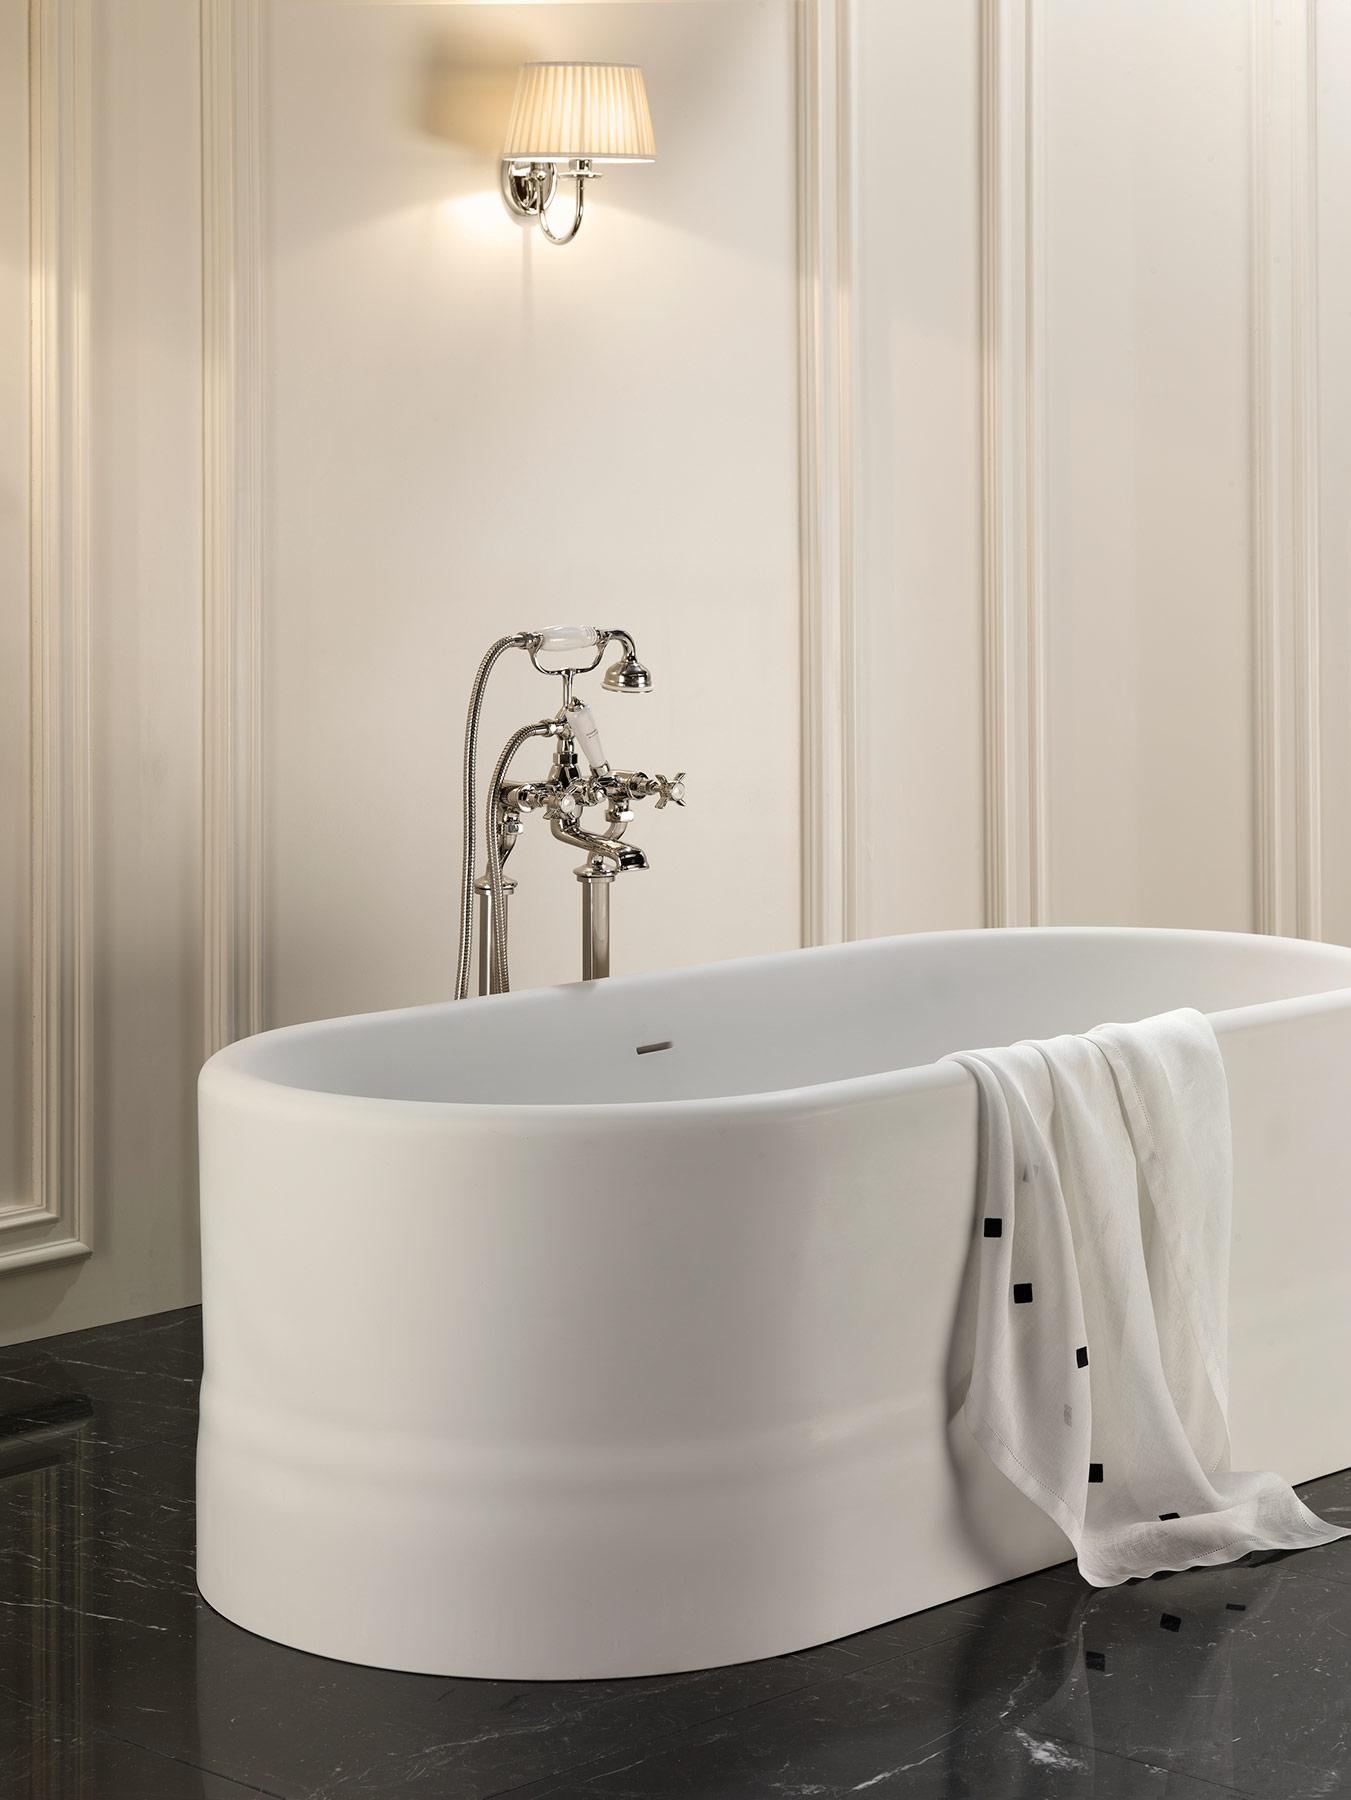 Modern Diva Freestanding Bathtub